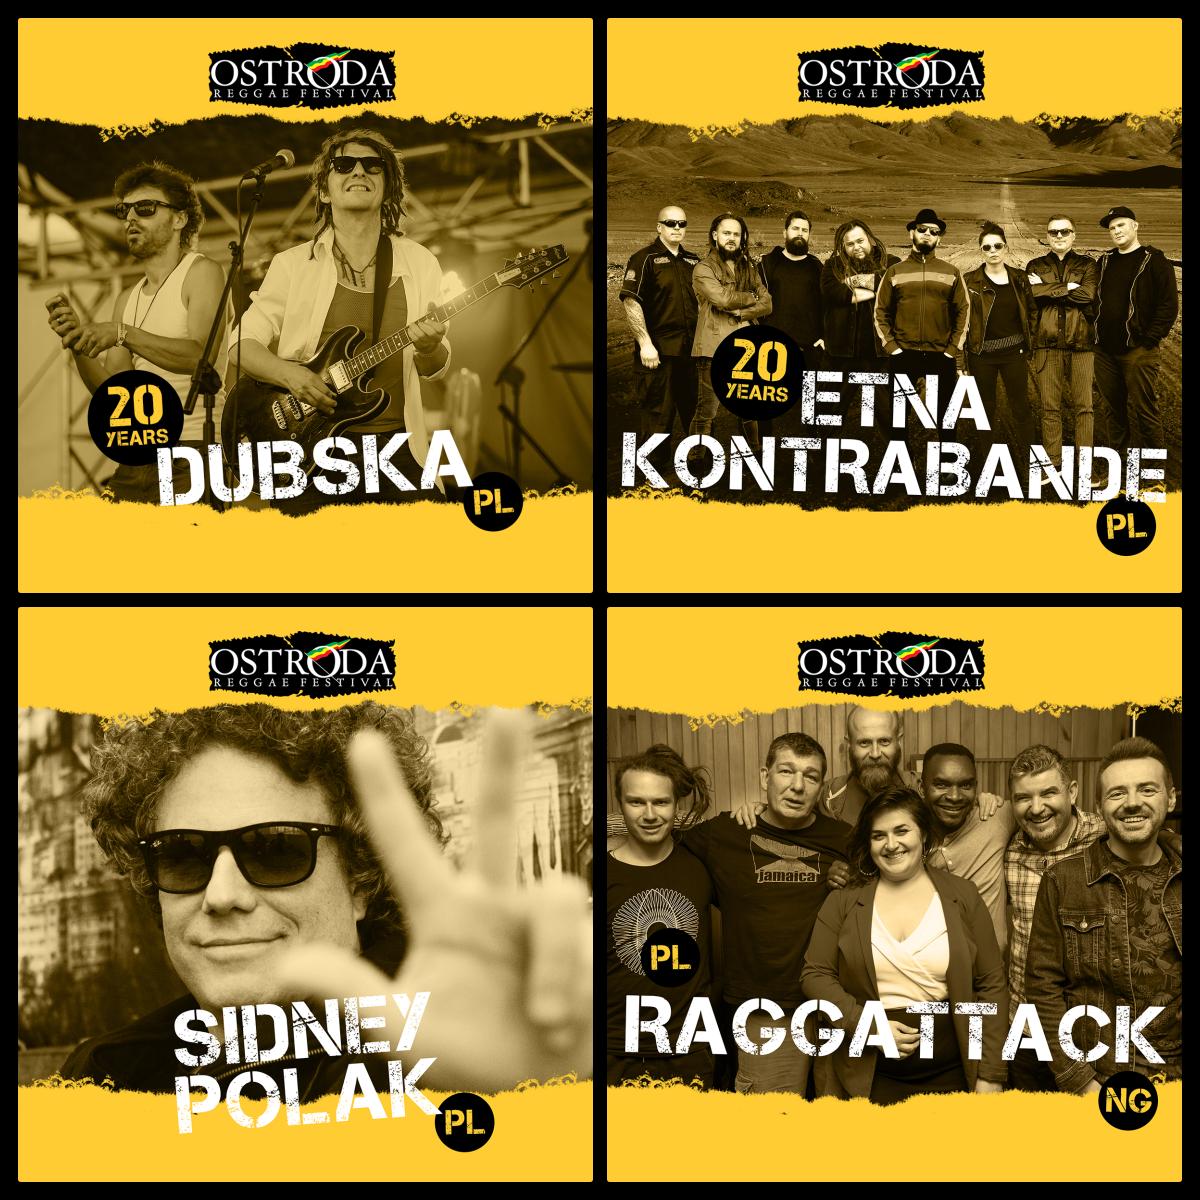 Specjalne rocznicowe koncerty polskich grup / powrót pionierskiej formacji / Sidney Polak